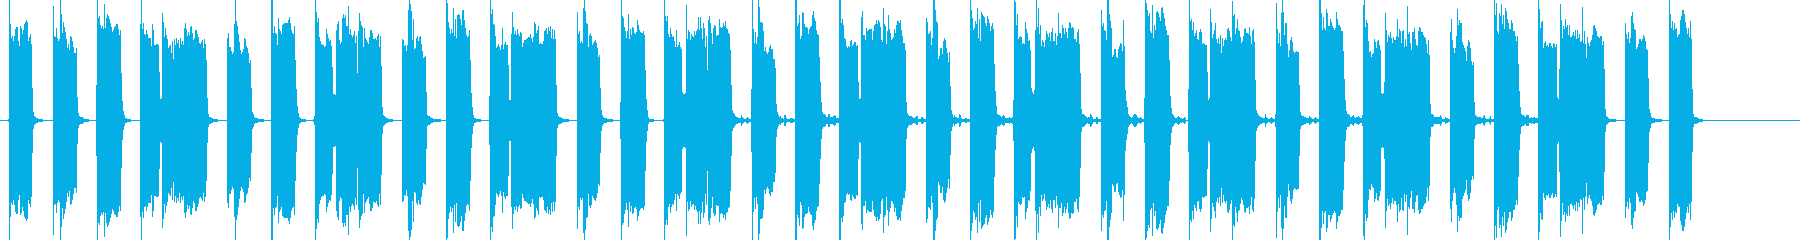 vlog・まったり・夜・おやすみBGMの再生済みの波形